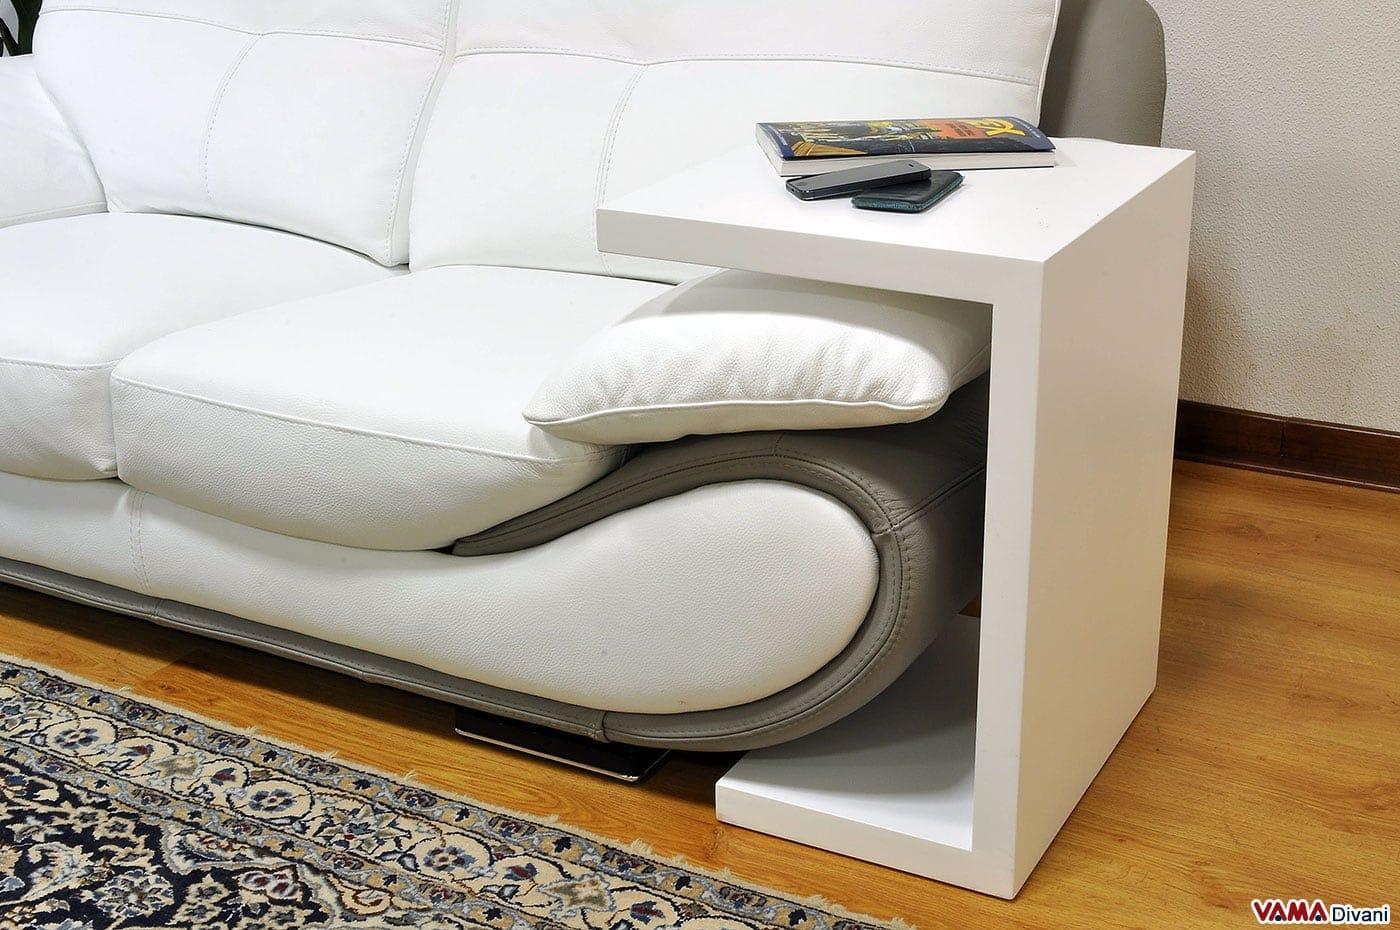 Divano moderno bianco in pelle prezzo e misure for Smart relax divano letto prezzo